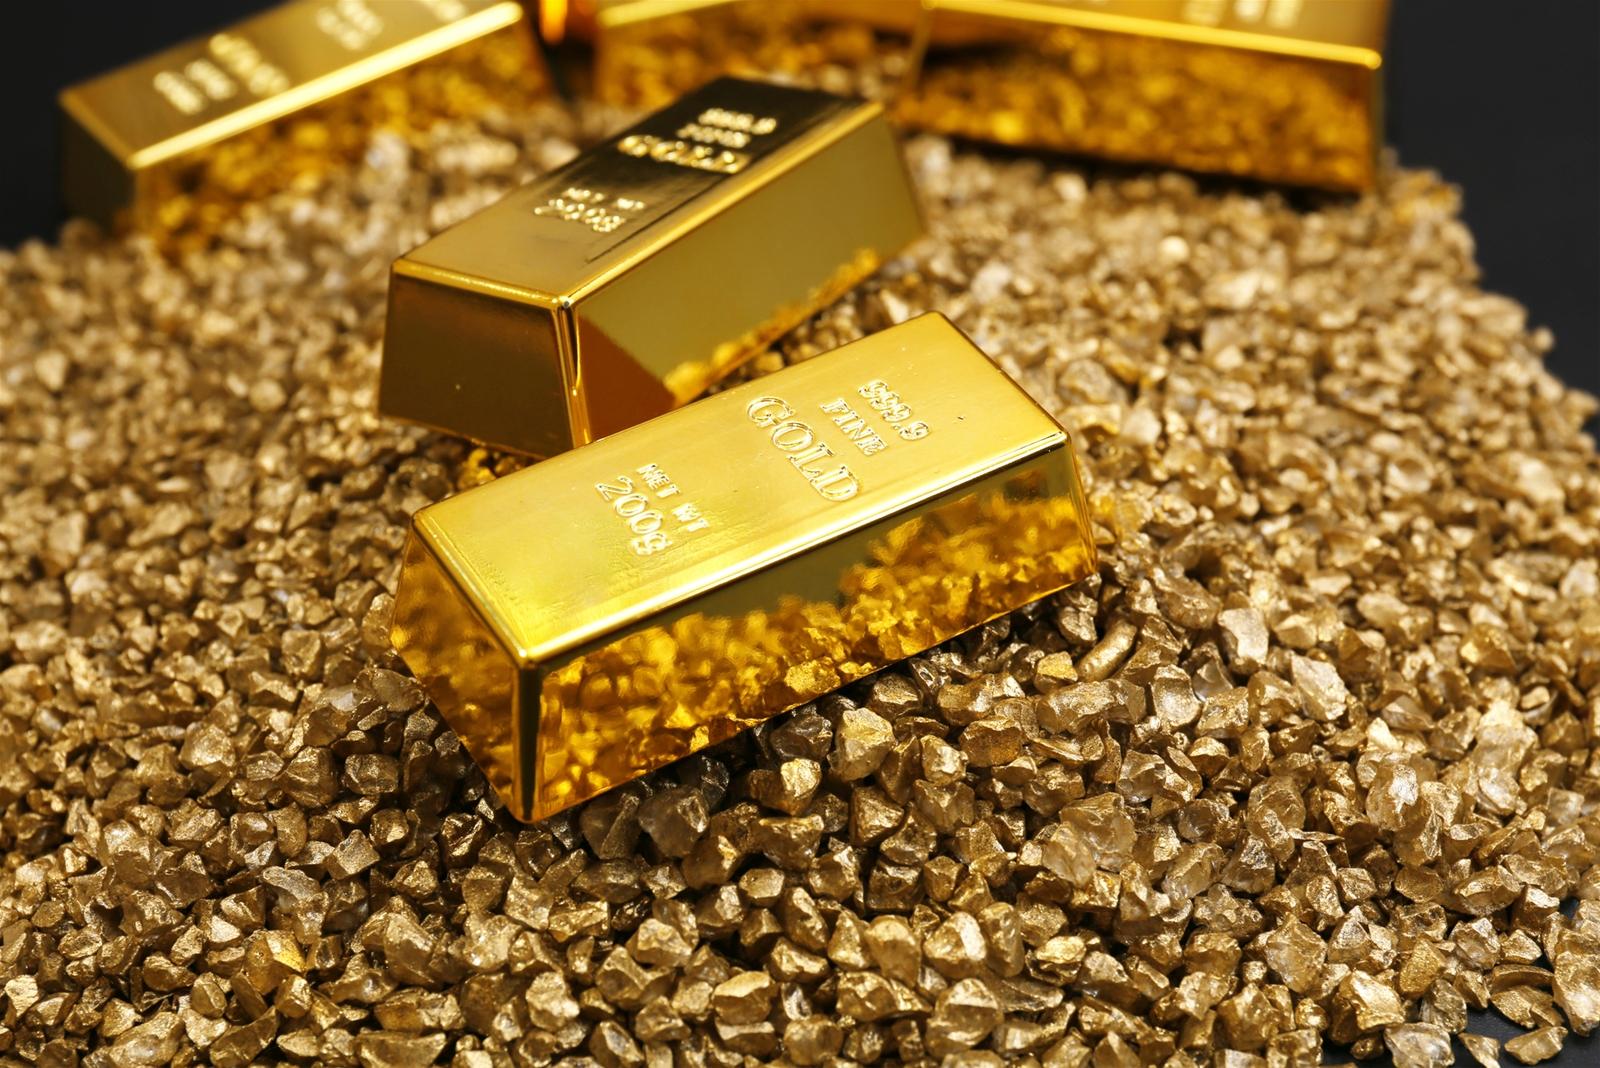 """Vàng có phải là """"hầm trú ẩn an toàn"""